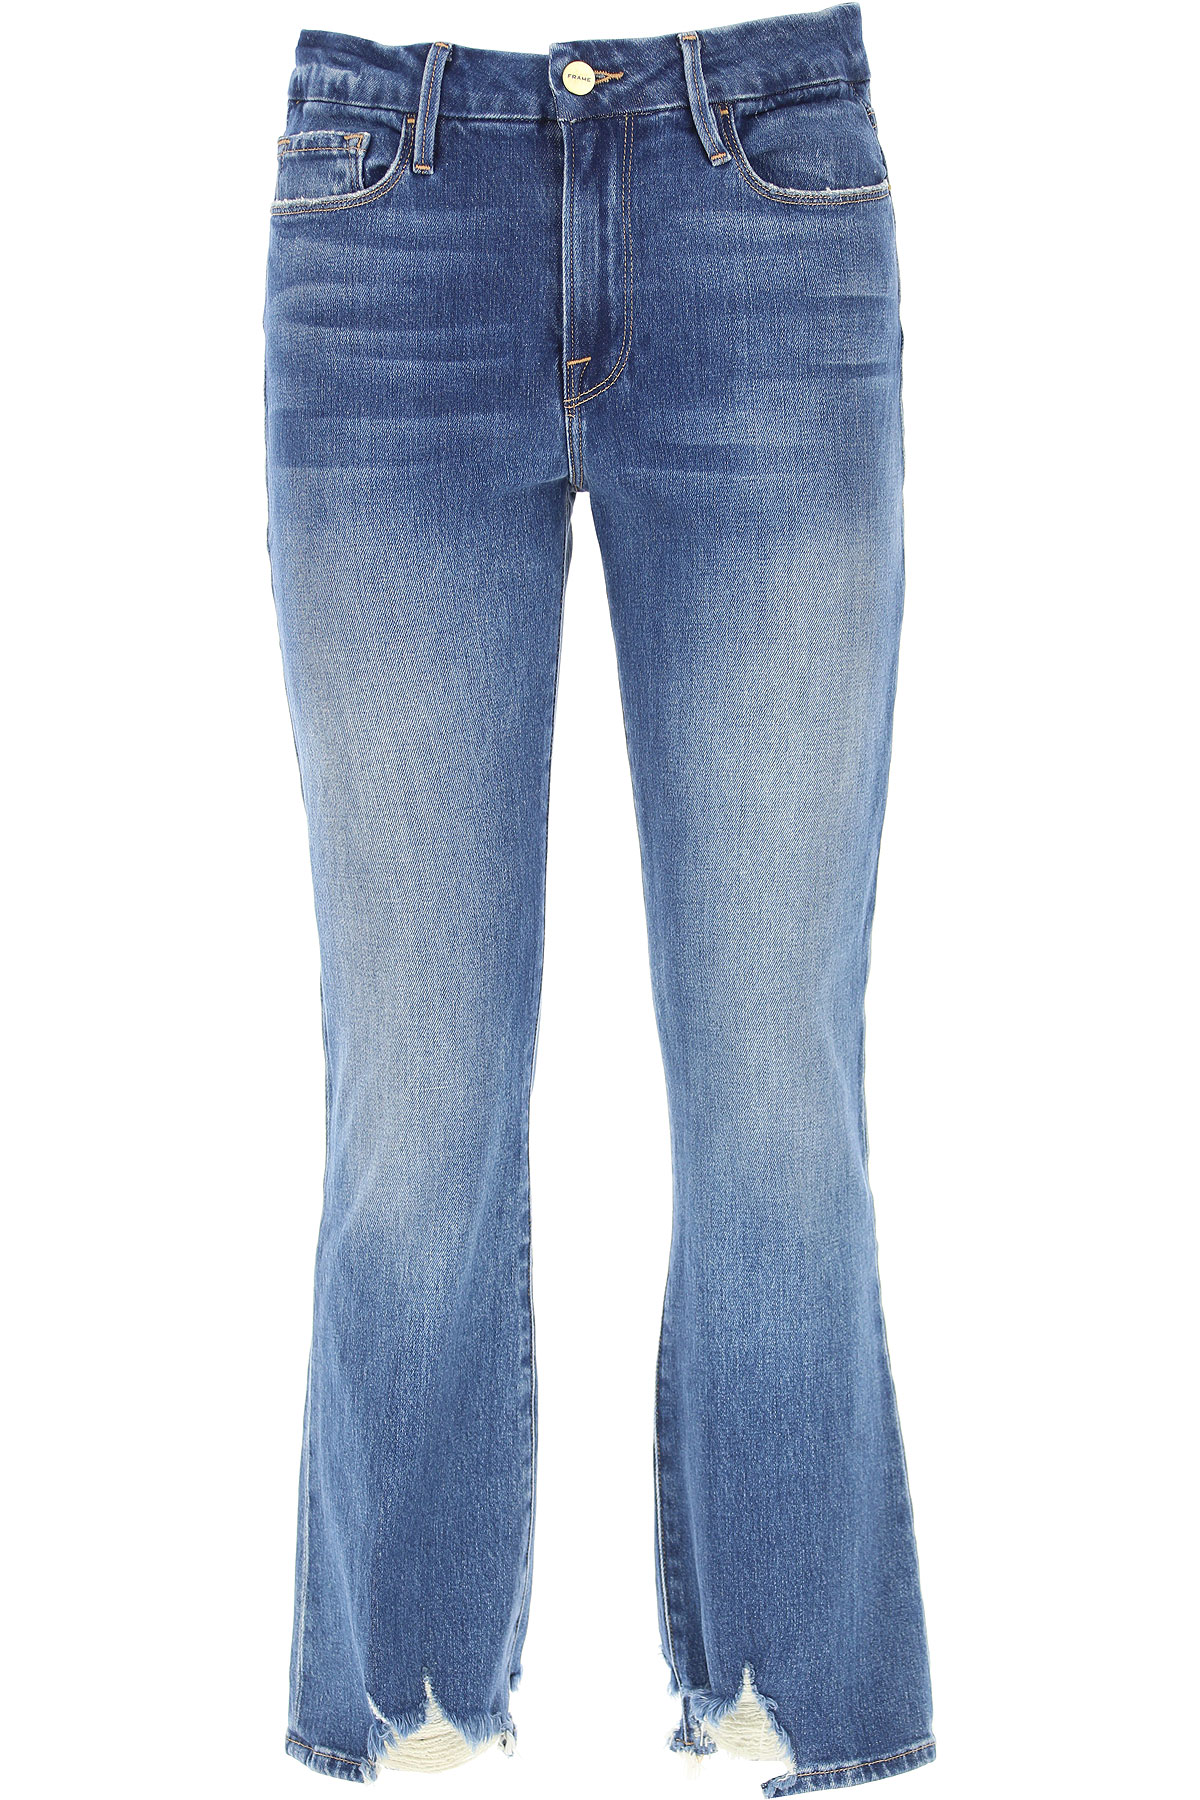 Image of Frame Jeans, Denim, Cotton, 2017, 25 26 27 28 29